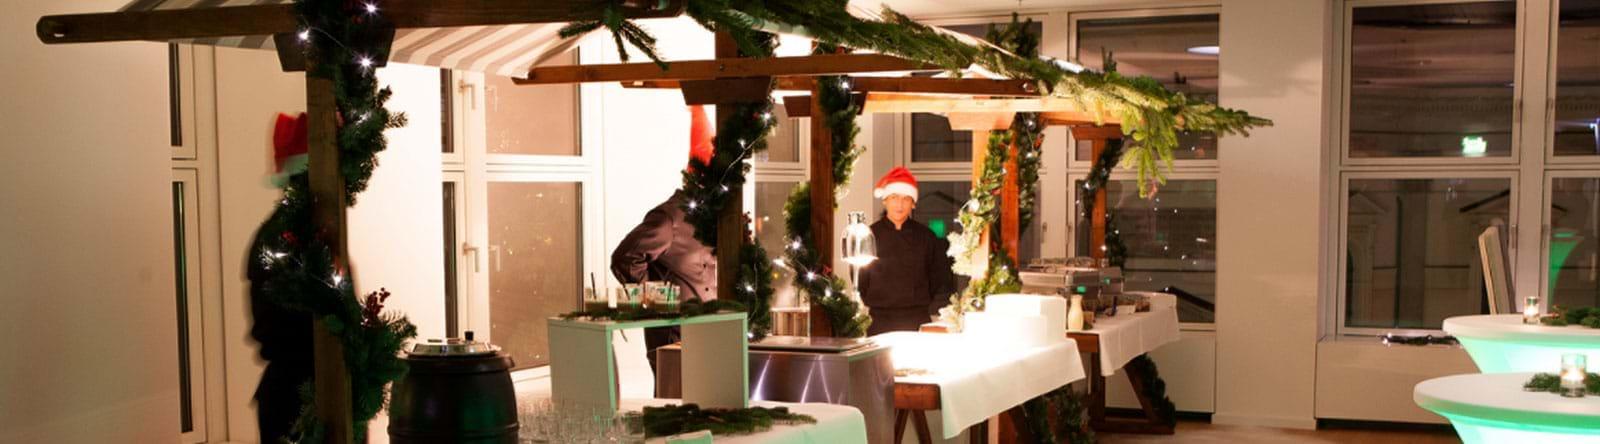 verschneite Dekoration Weihnachtsfeier